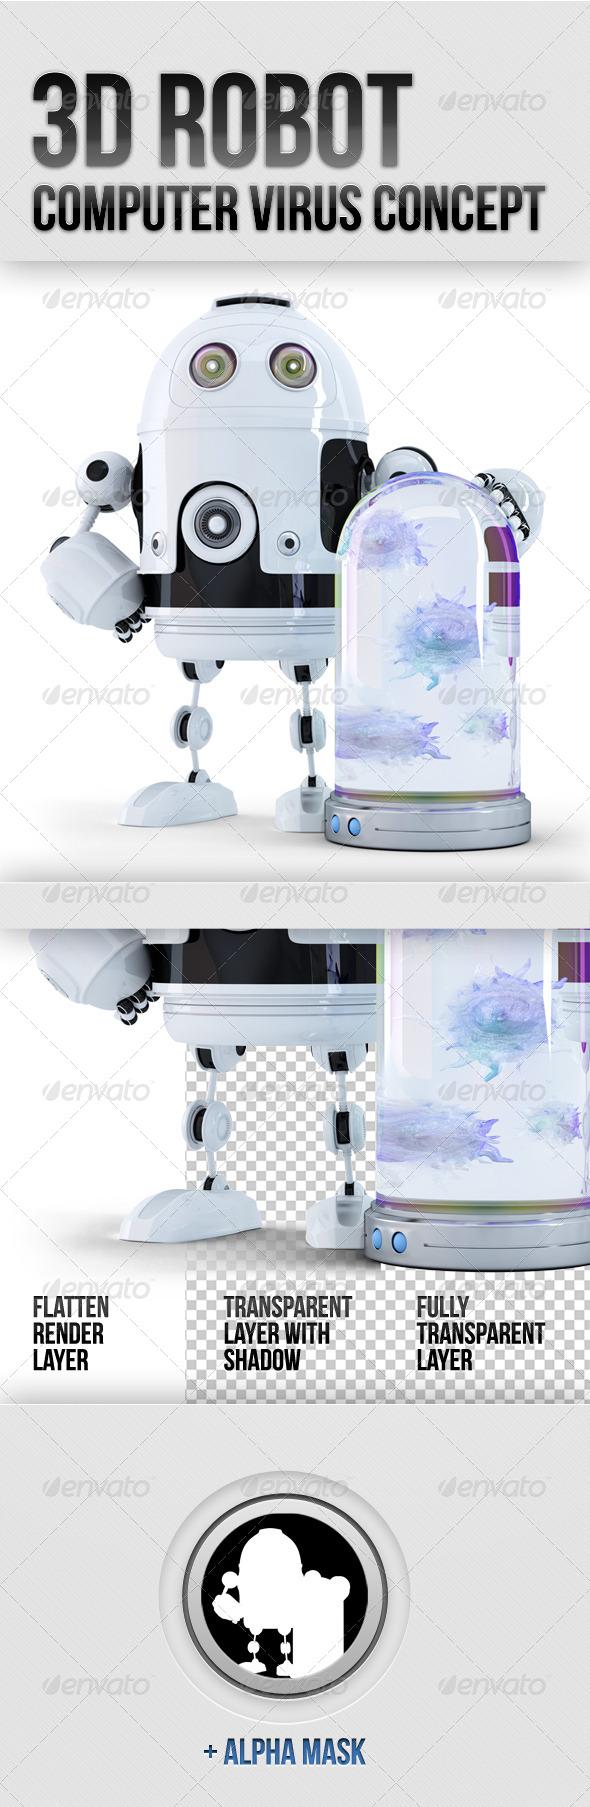 3D Robot. Computer Virus Concept - Technology 3D Renders